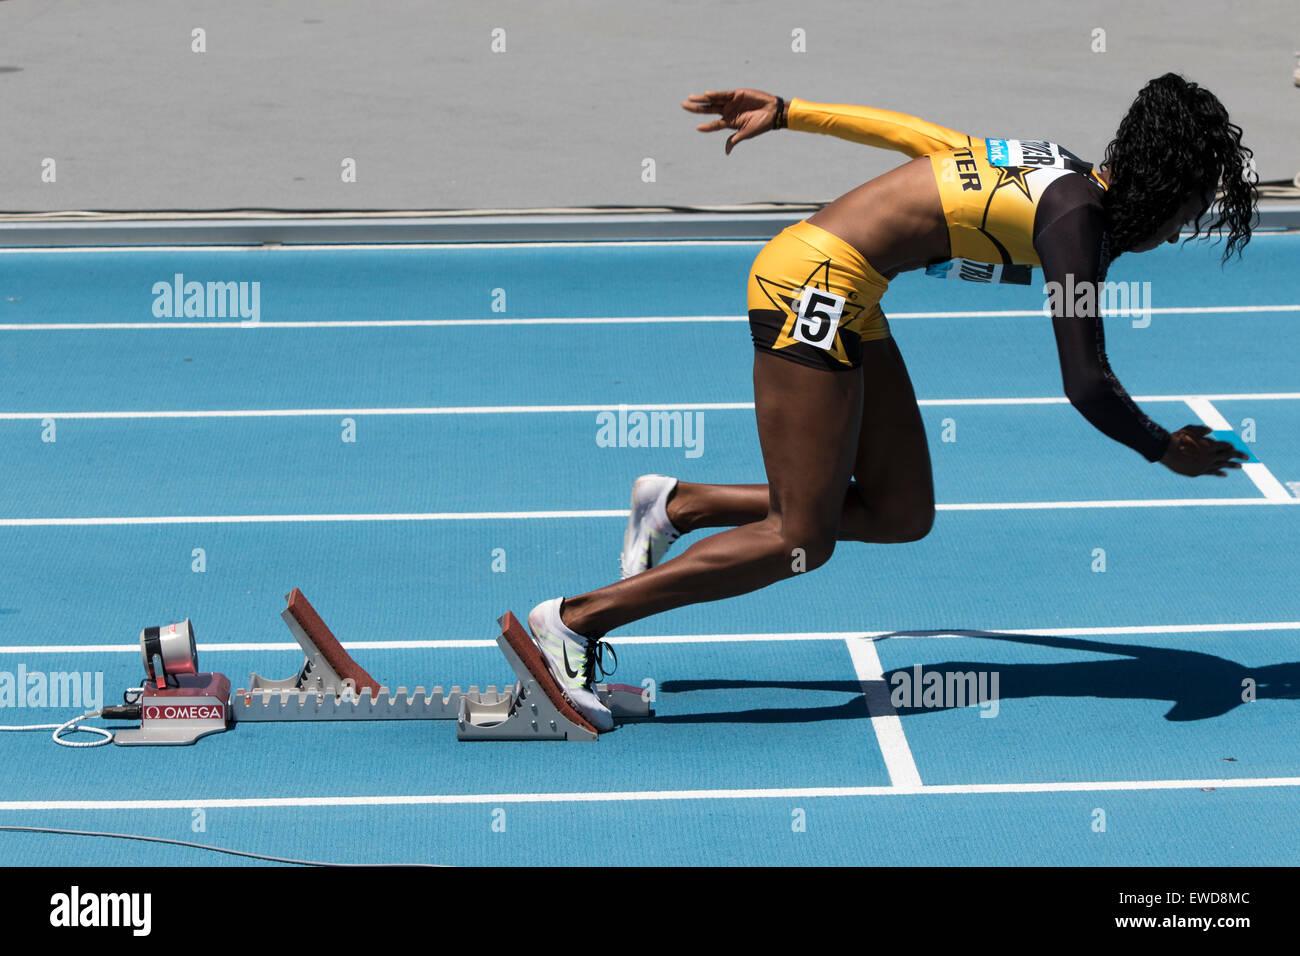 Deedee Trotter (USA) a partir de la mujer B 400m de carrera en el 2015 Adidas Grand Prix de la Liga de diamante Imagen De Stock